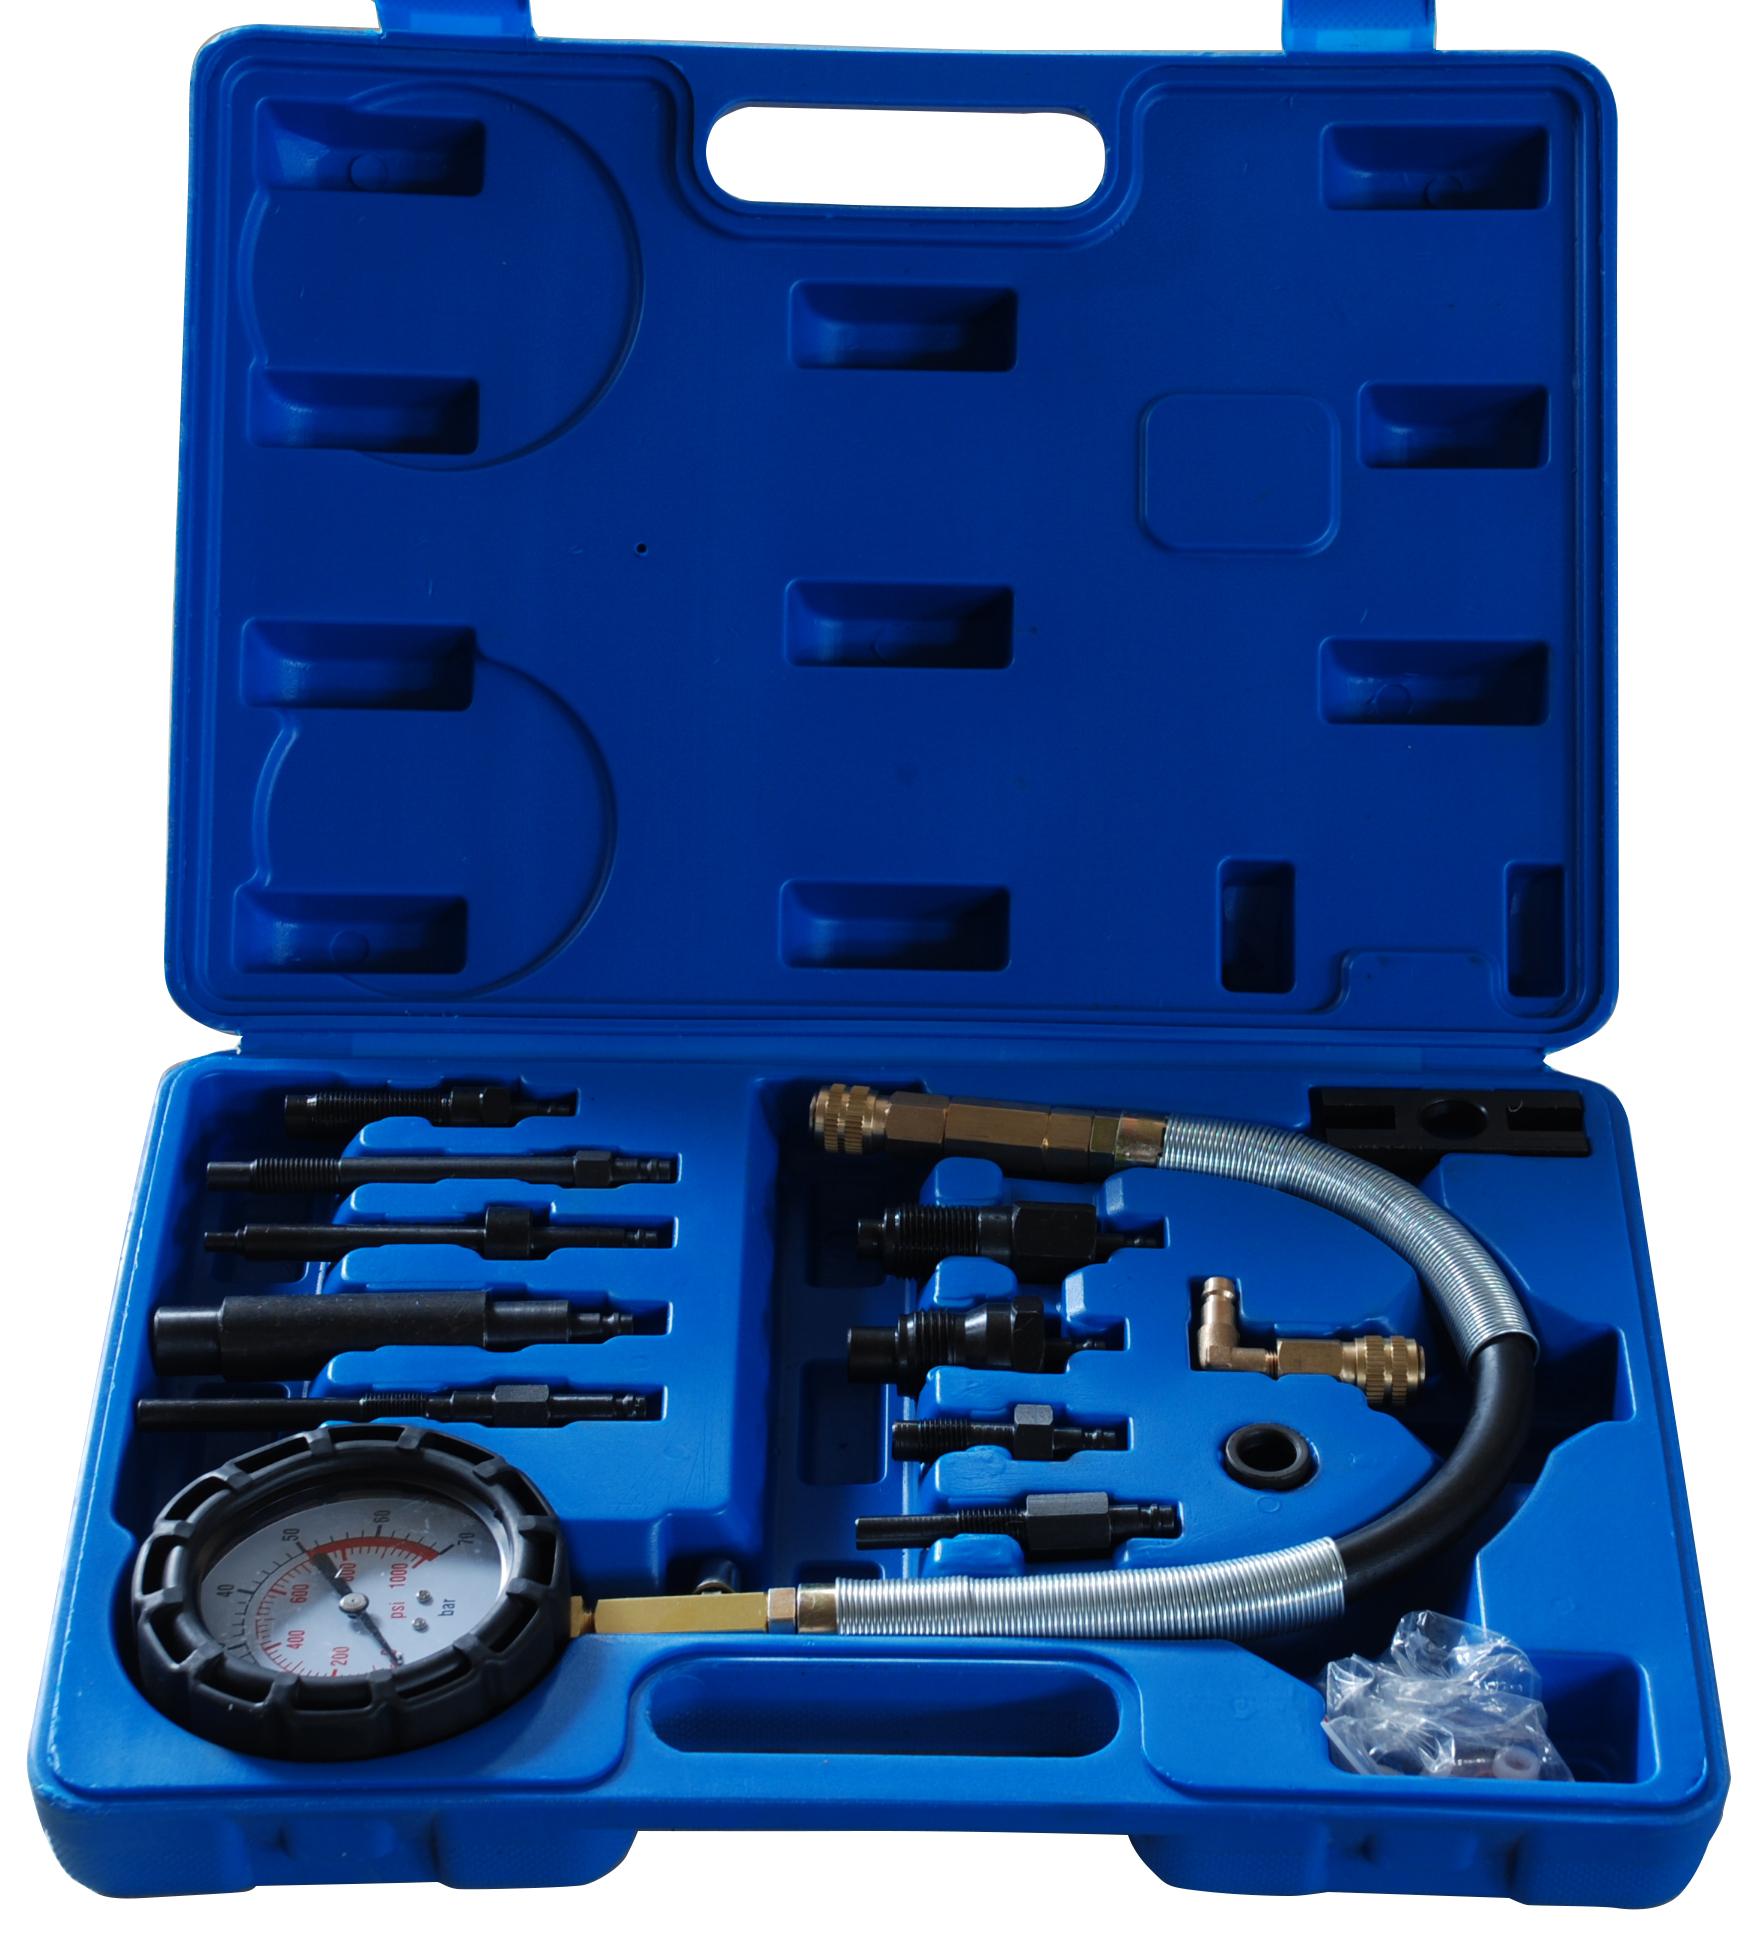 Компрессометр дизельный универсальный, 0-70 bar MHR-A0110